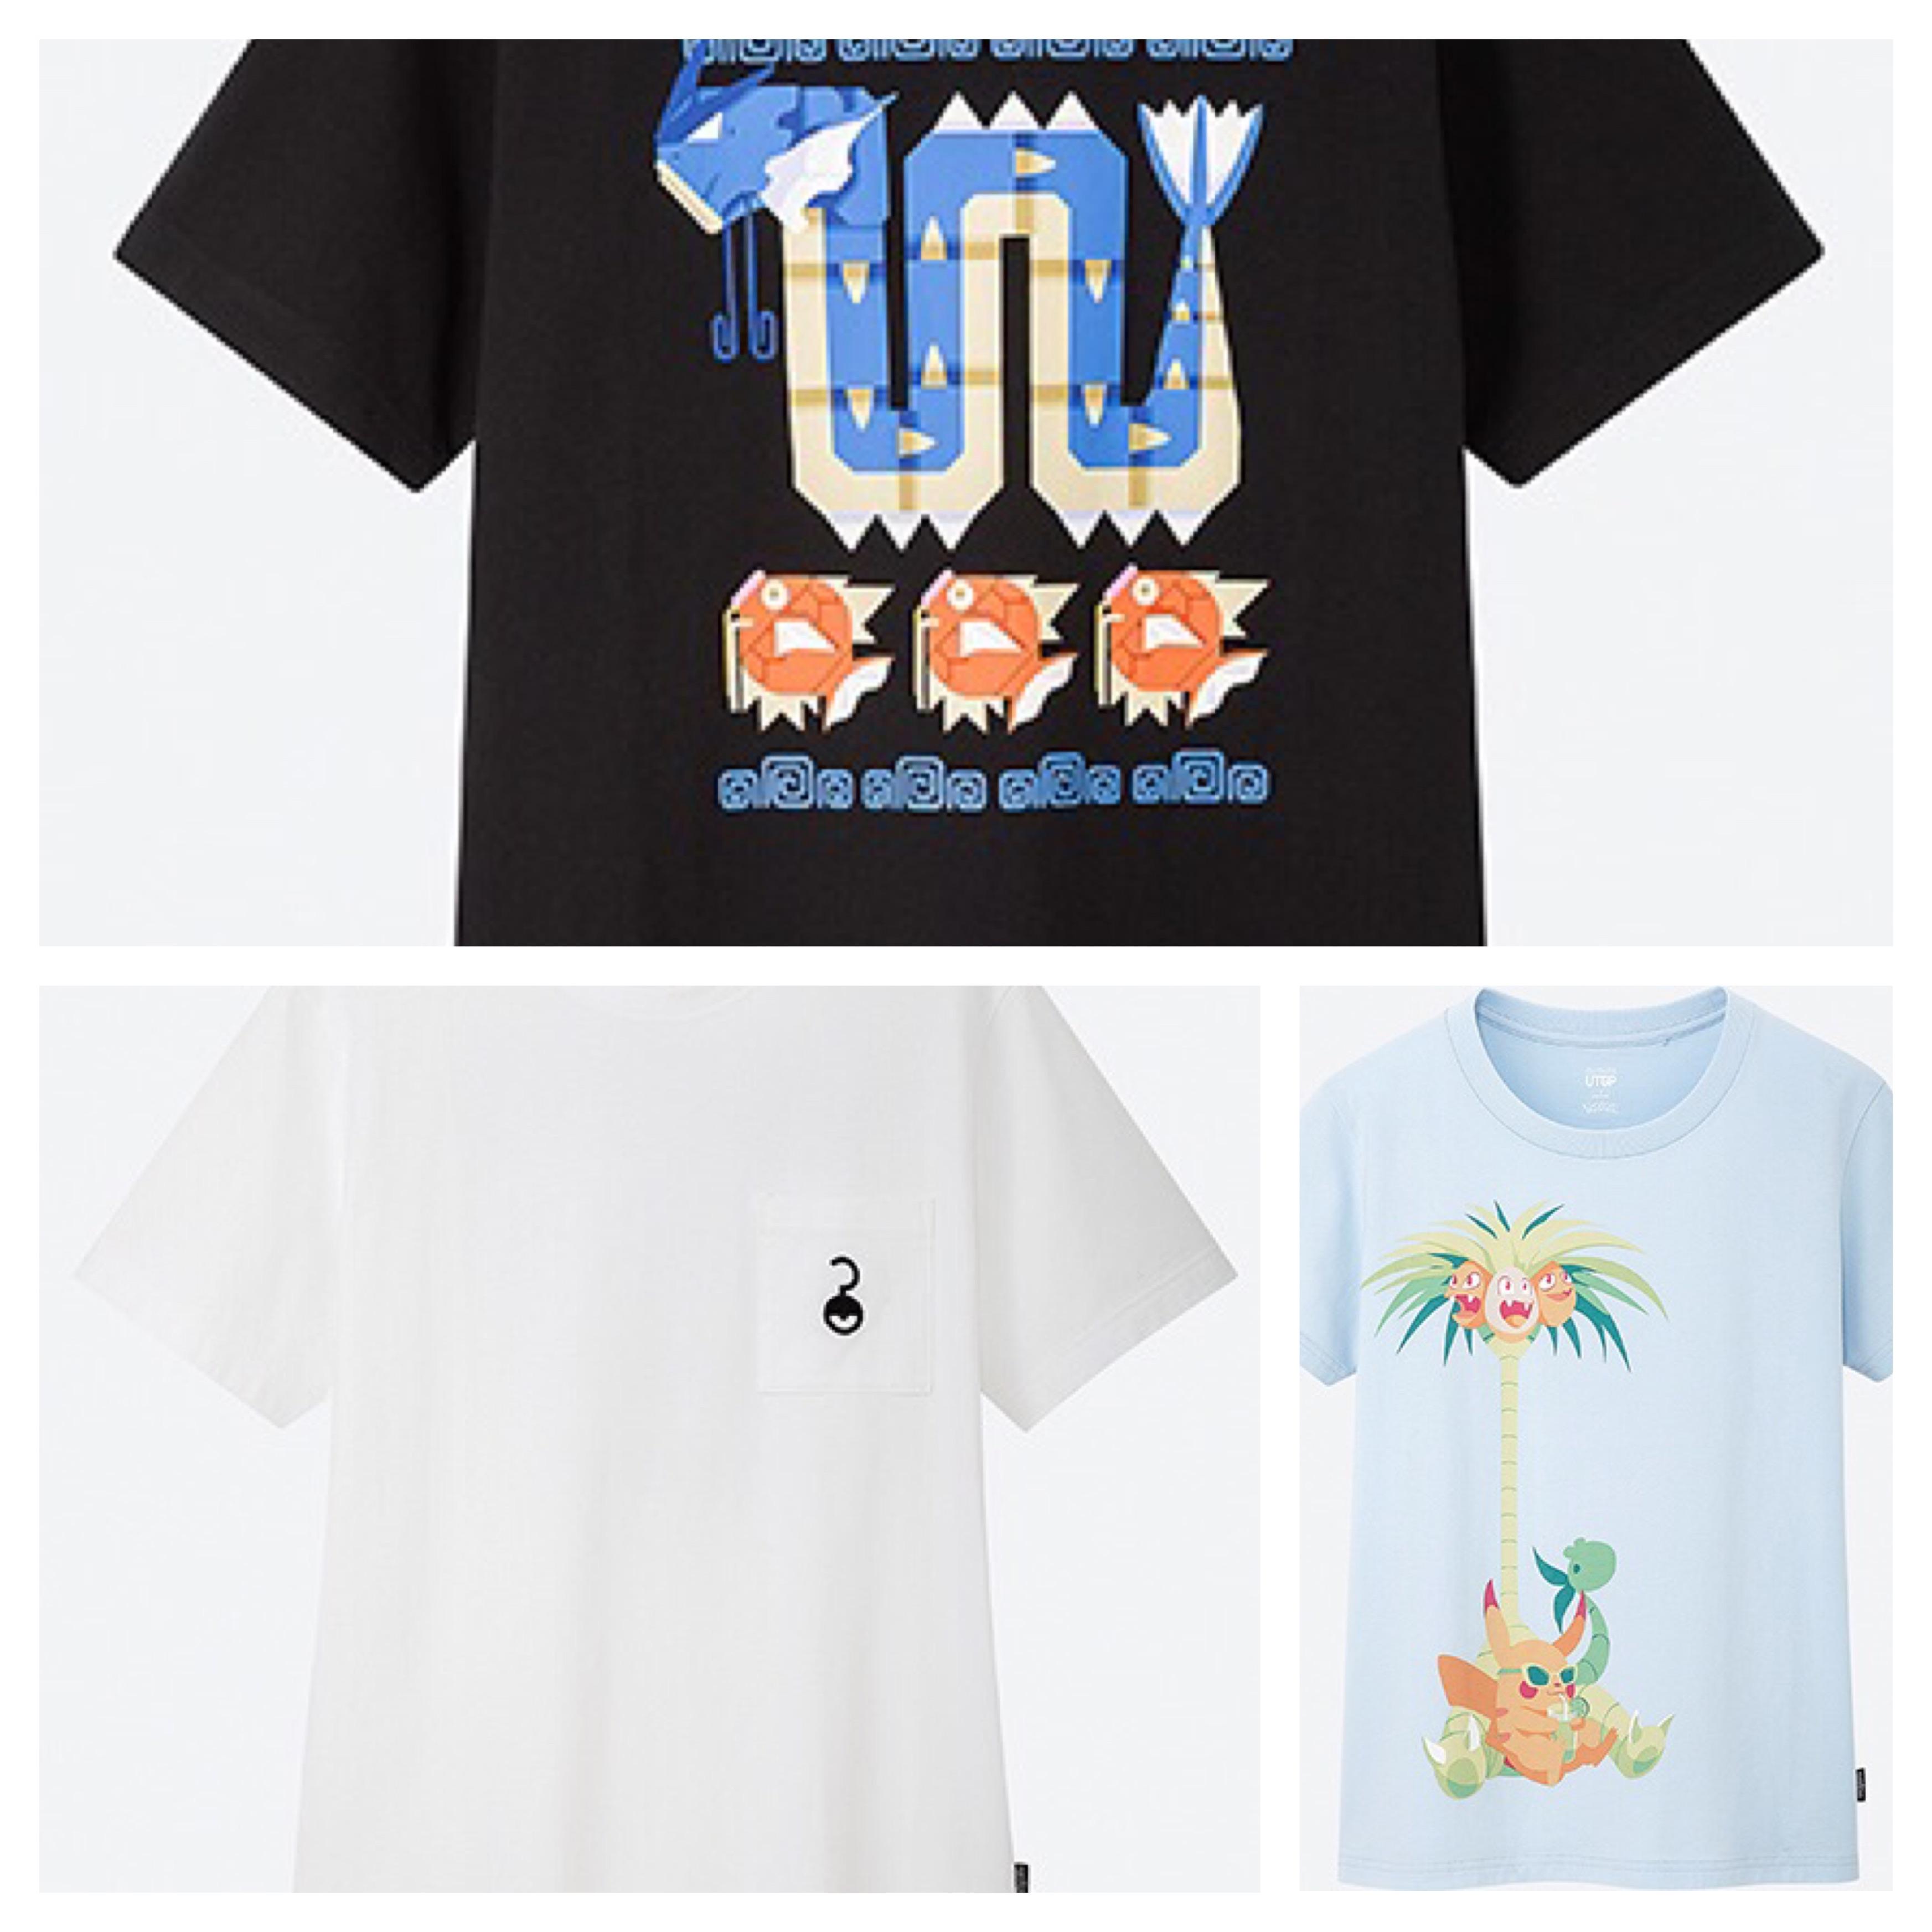 ユニクロのポケモンTシャツが可愛すぎる件